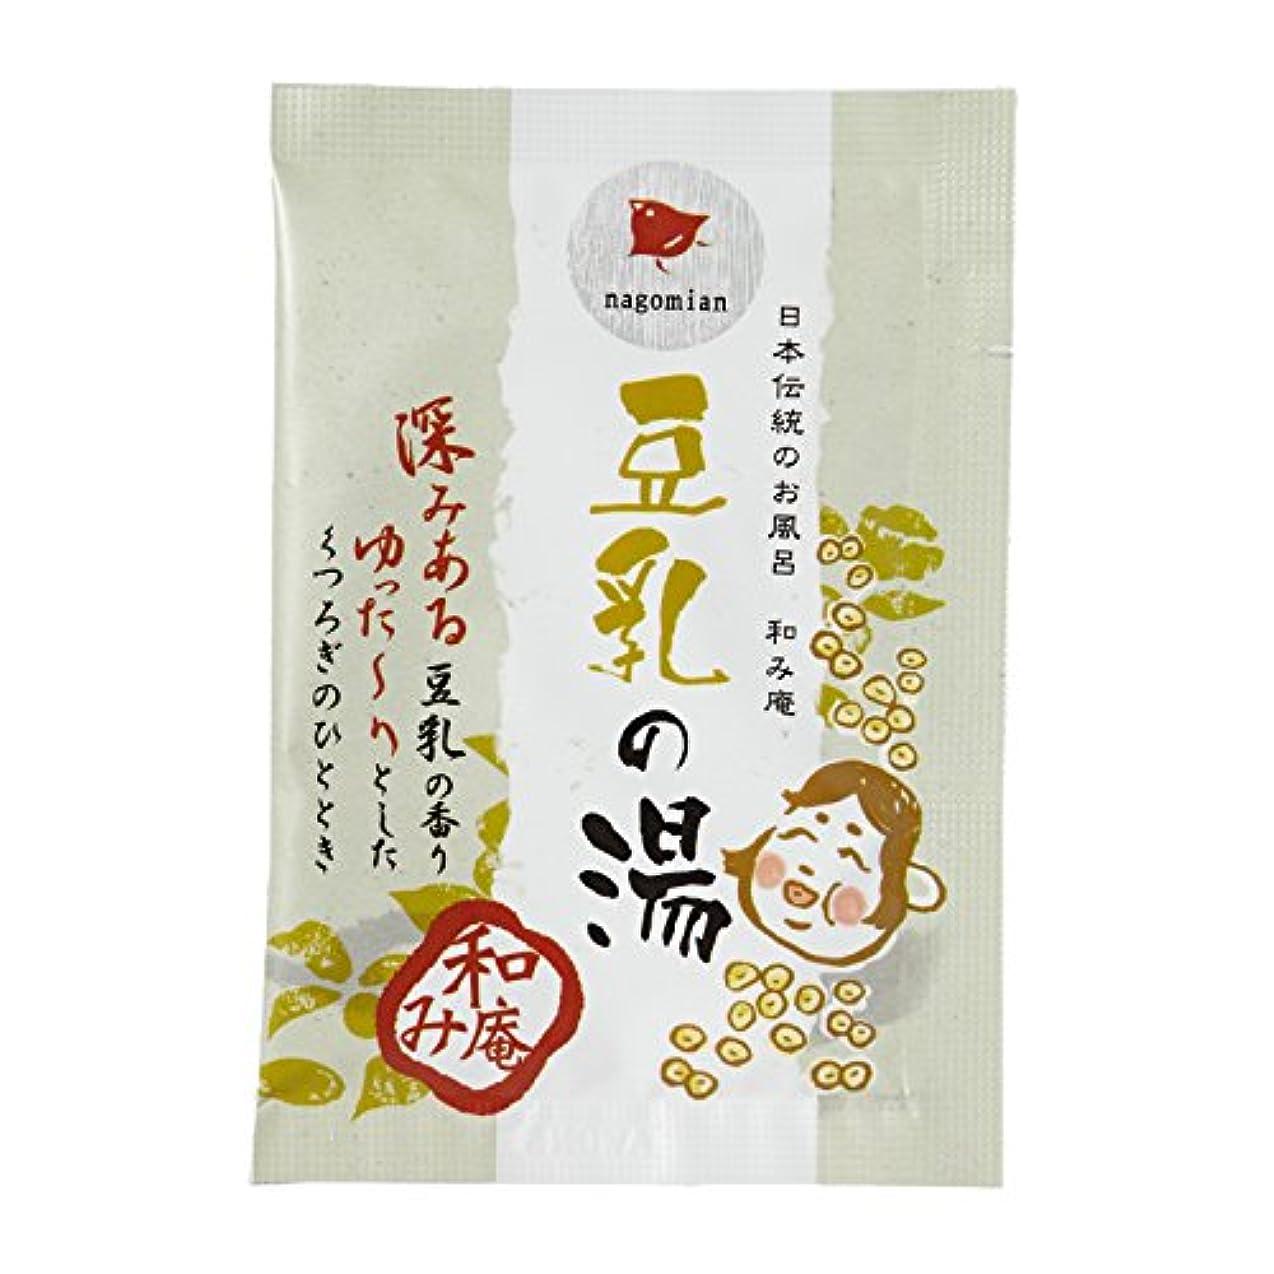 ソーダ水賛辞ラケット和み庵 豆乳の湯 25g 40個